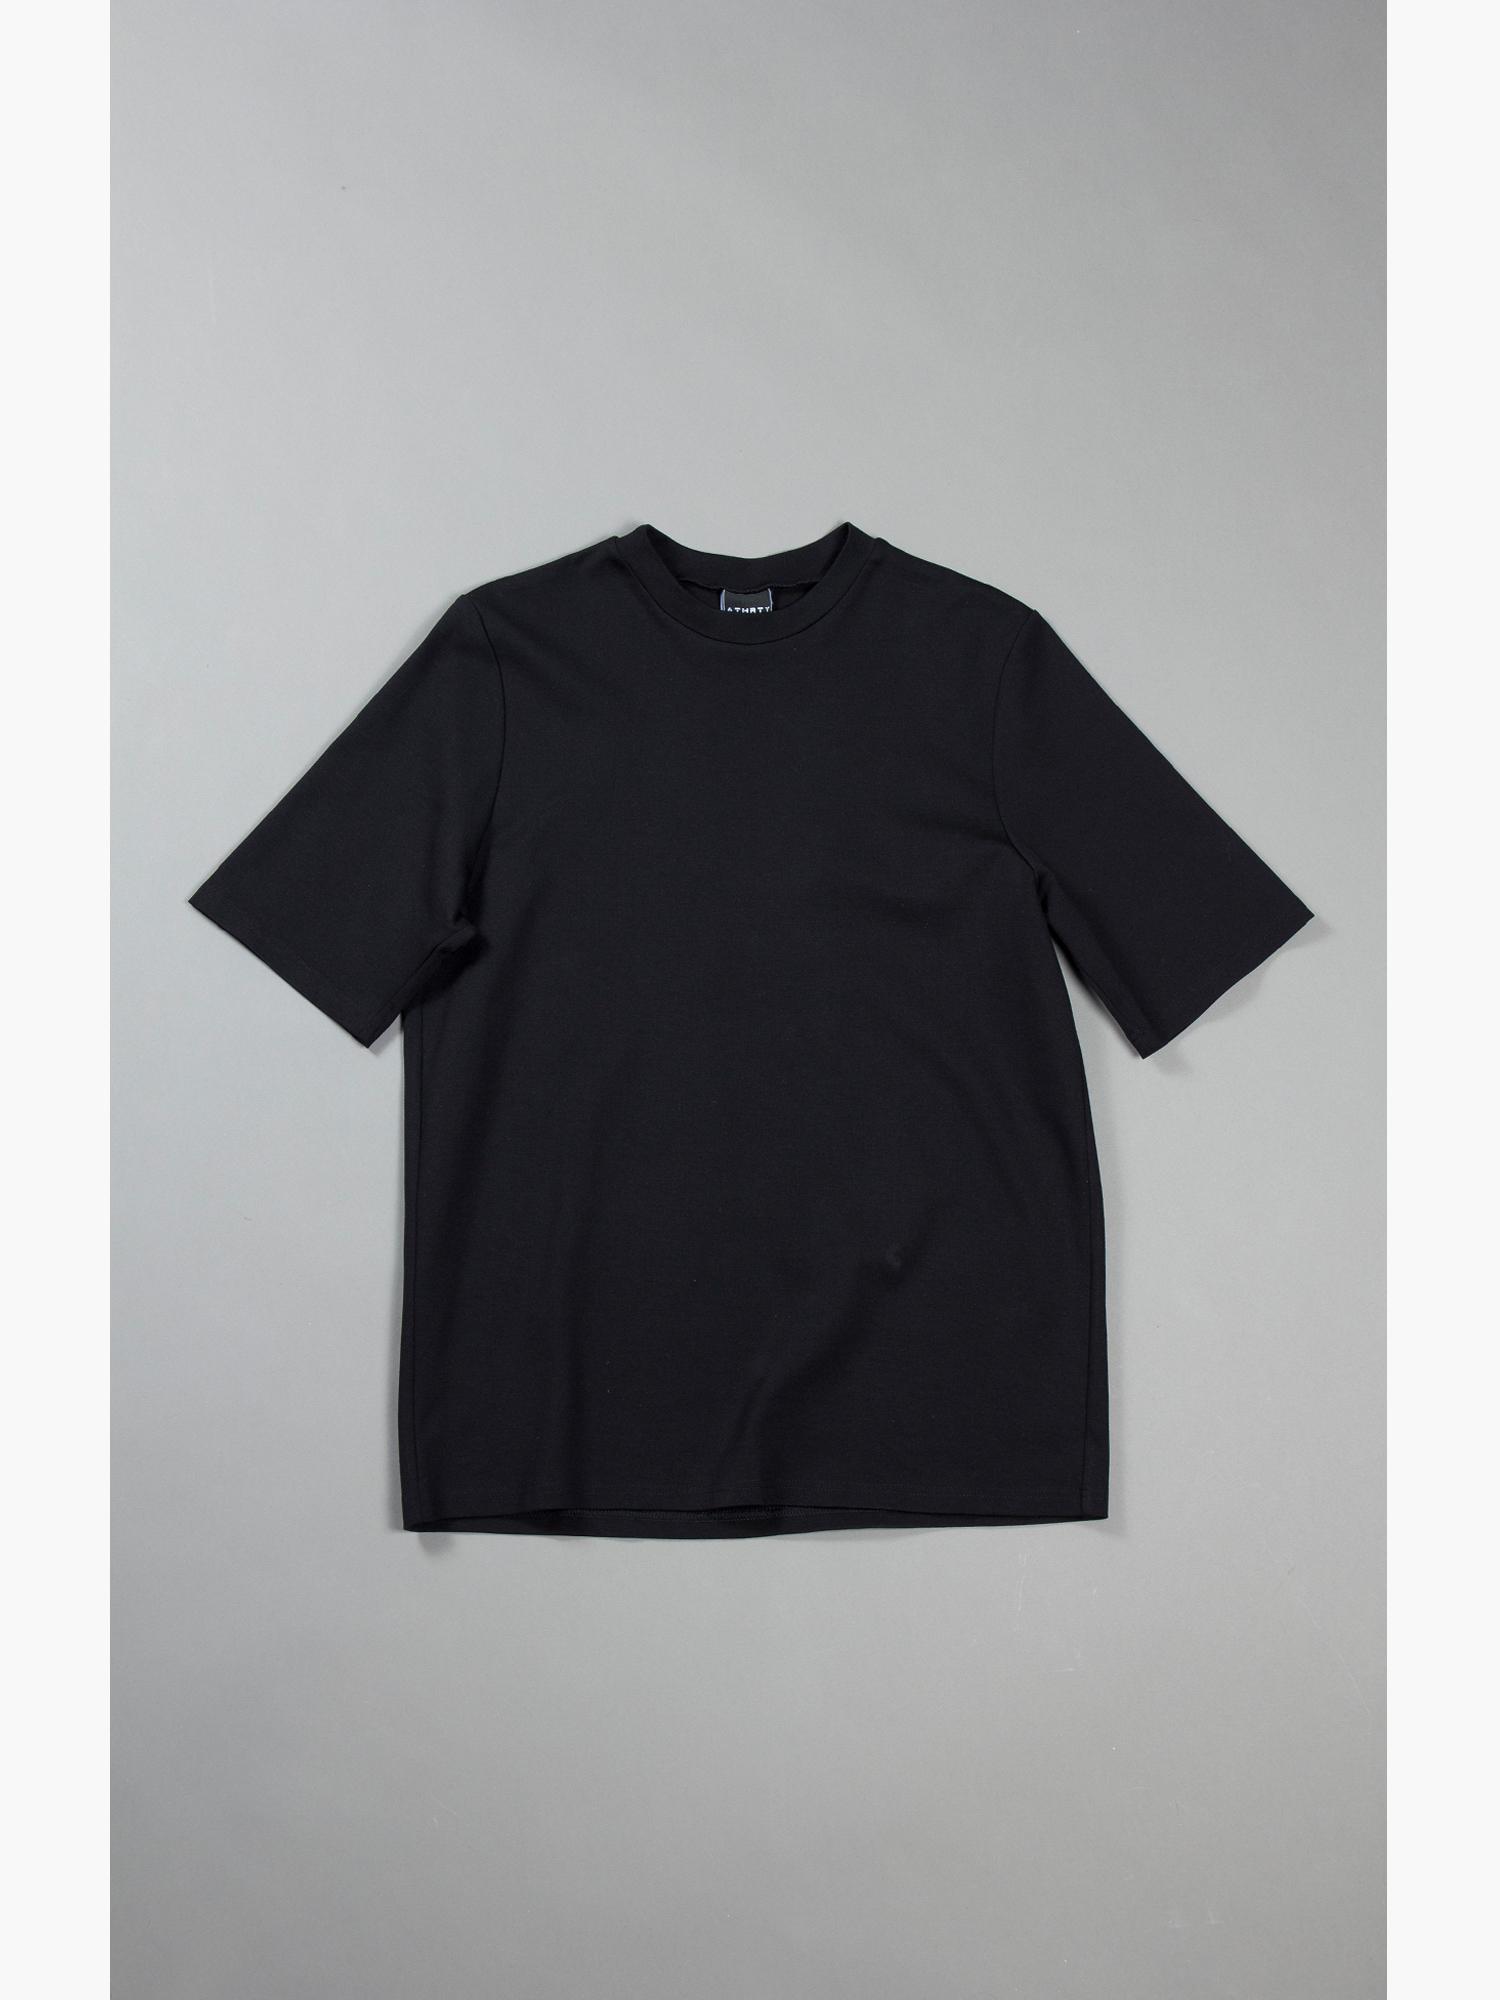 ATHRTY_thurs_t-shirt_black_f1